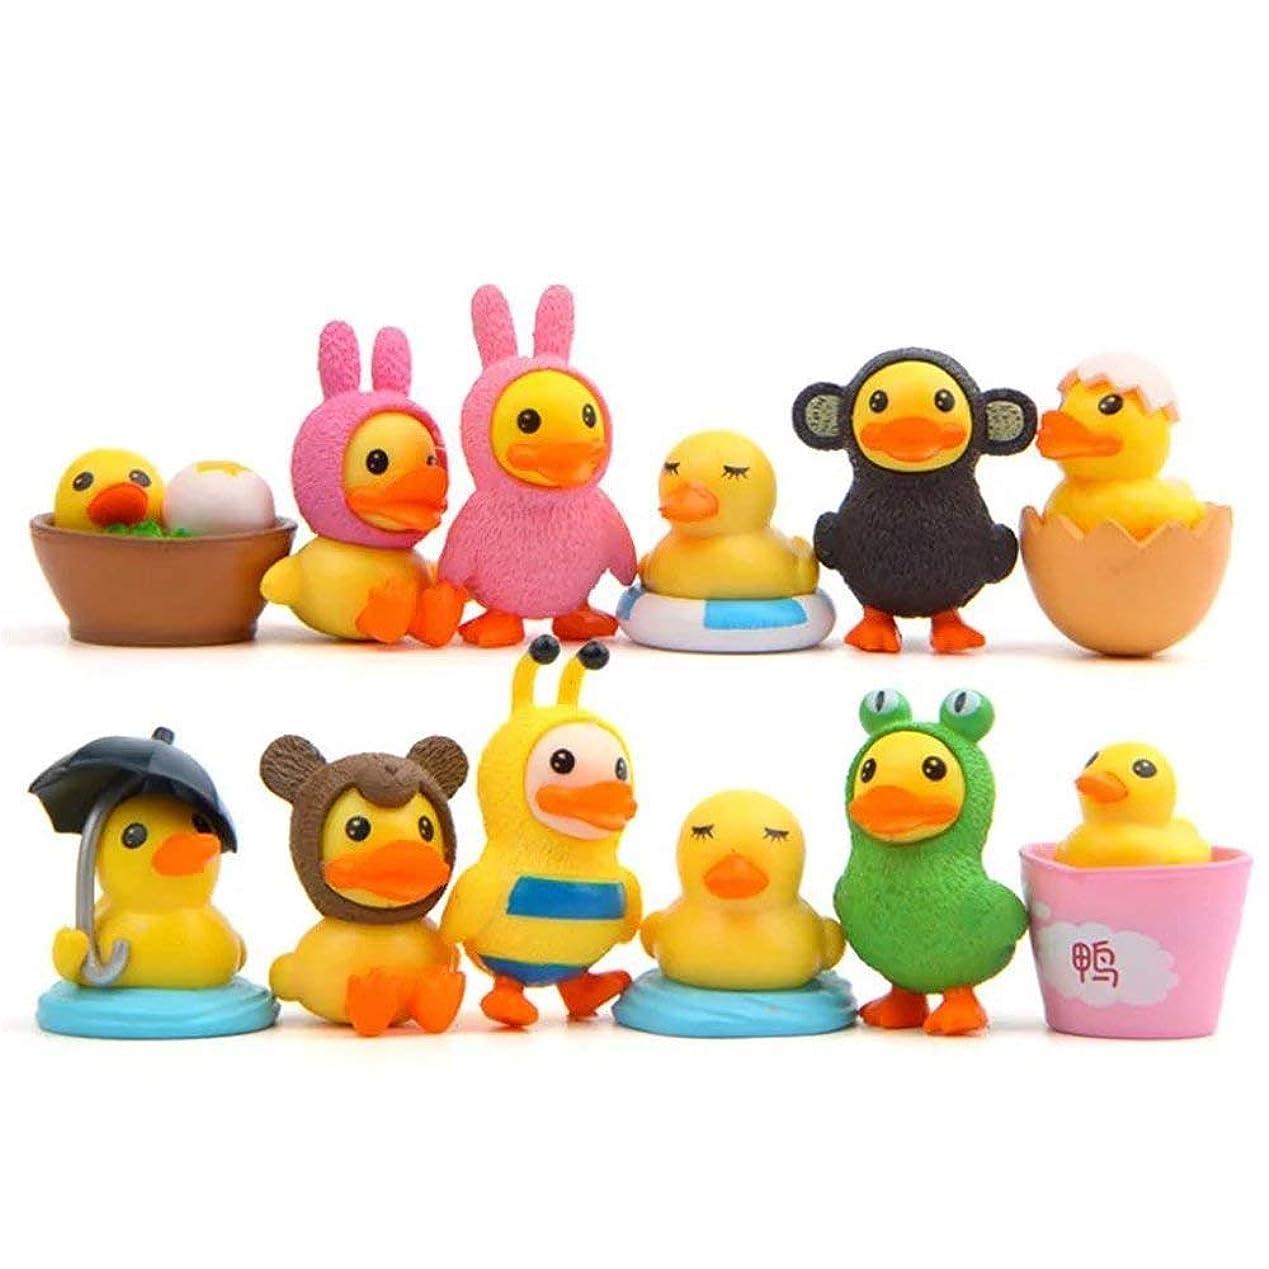 シマウマ控えめな運営12個の小さな黄色いアヒルのおもちゃ、ミニフィギュアコレクションプレイセット、ケーキトッパー